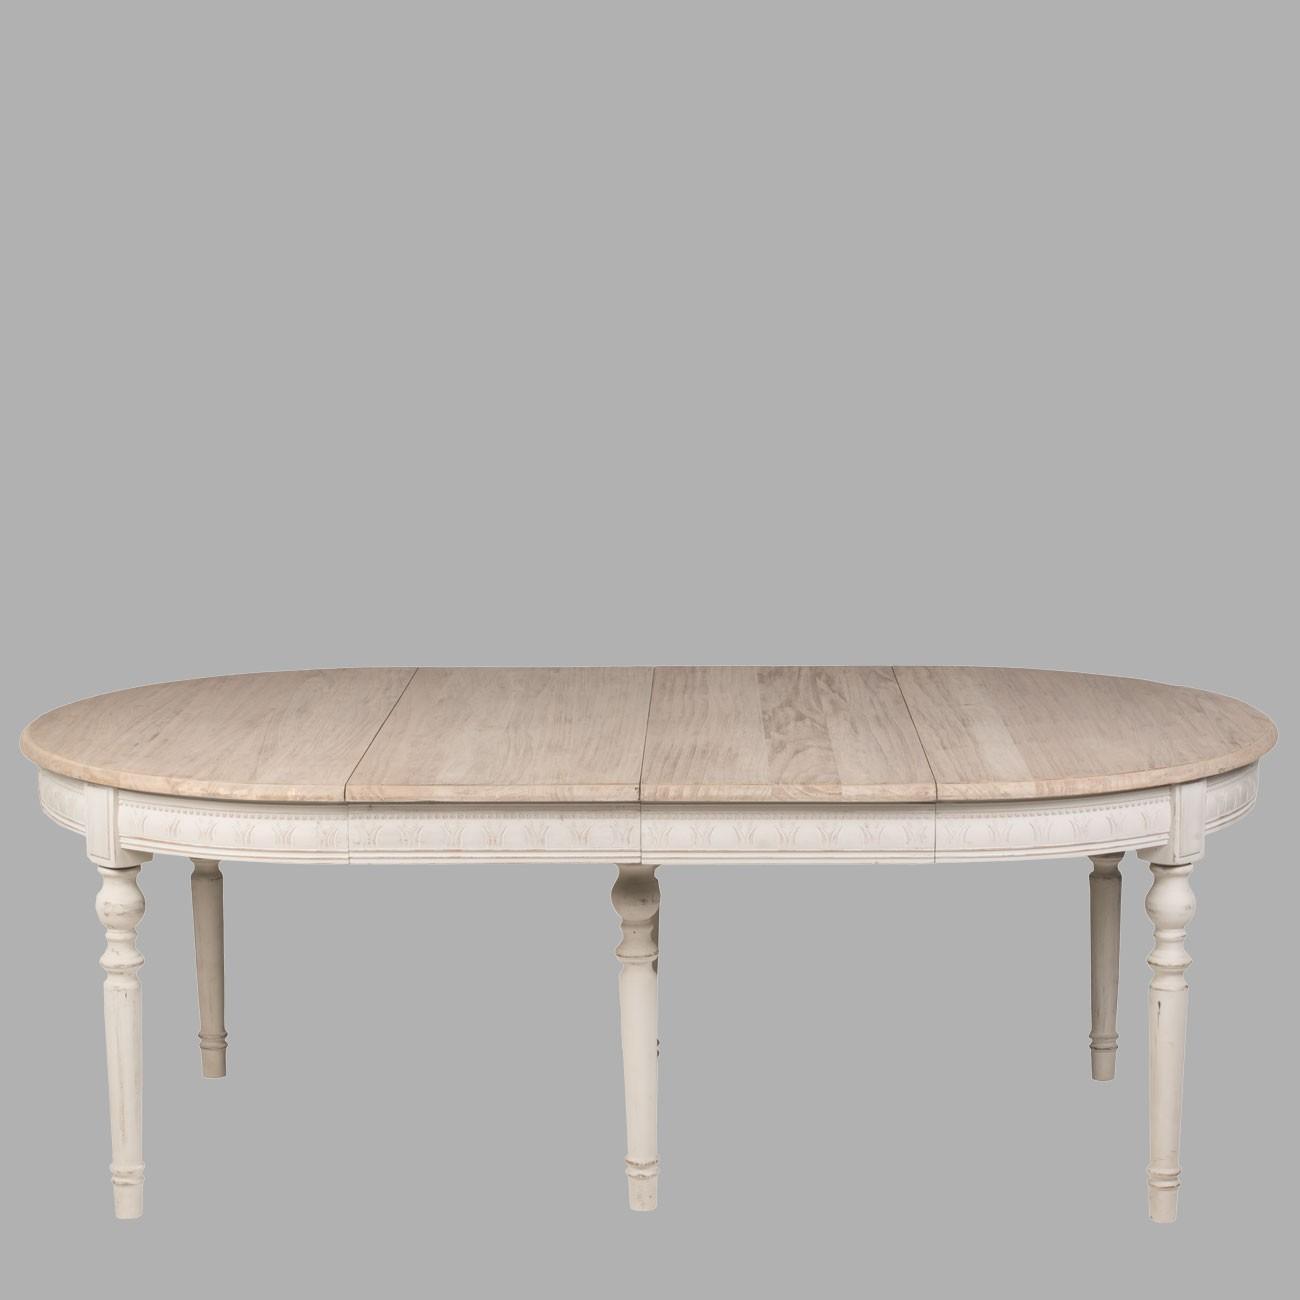 commode blanc d ivoire beautiful good meuble blanc d ivoire peinture et patine sur meubles with. Black Bedroom Furniture Sets. Home Design Ideas